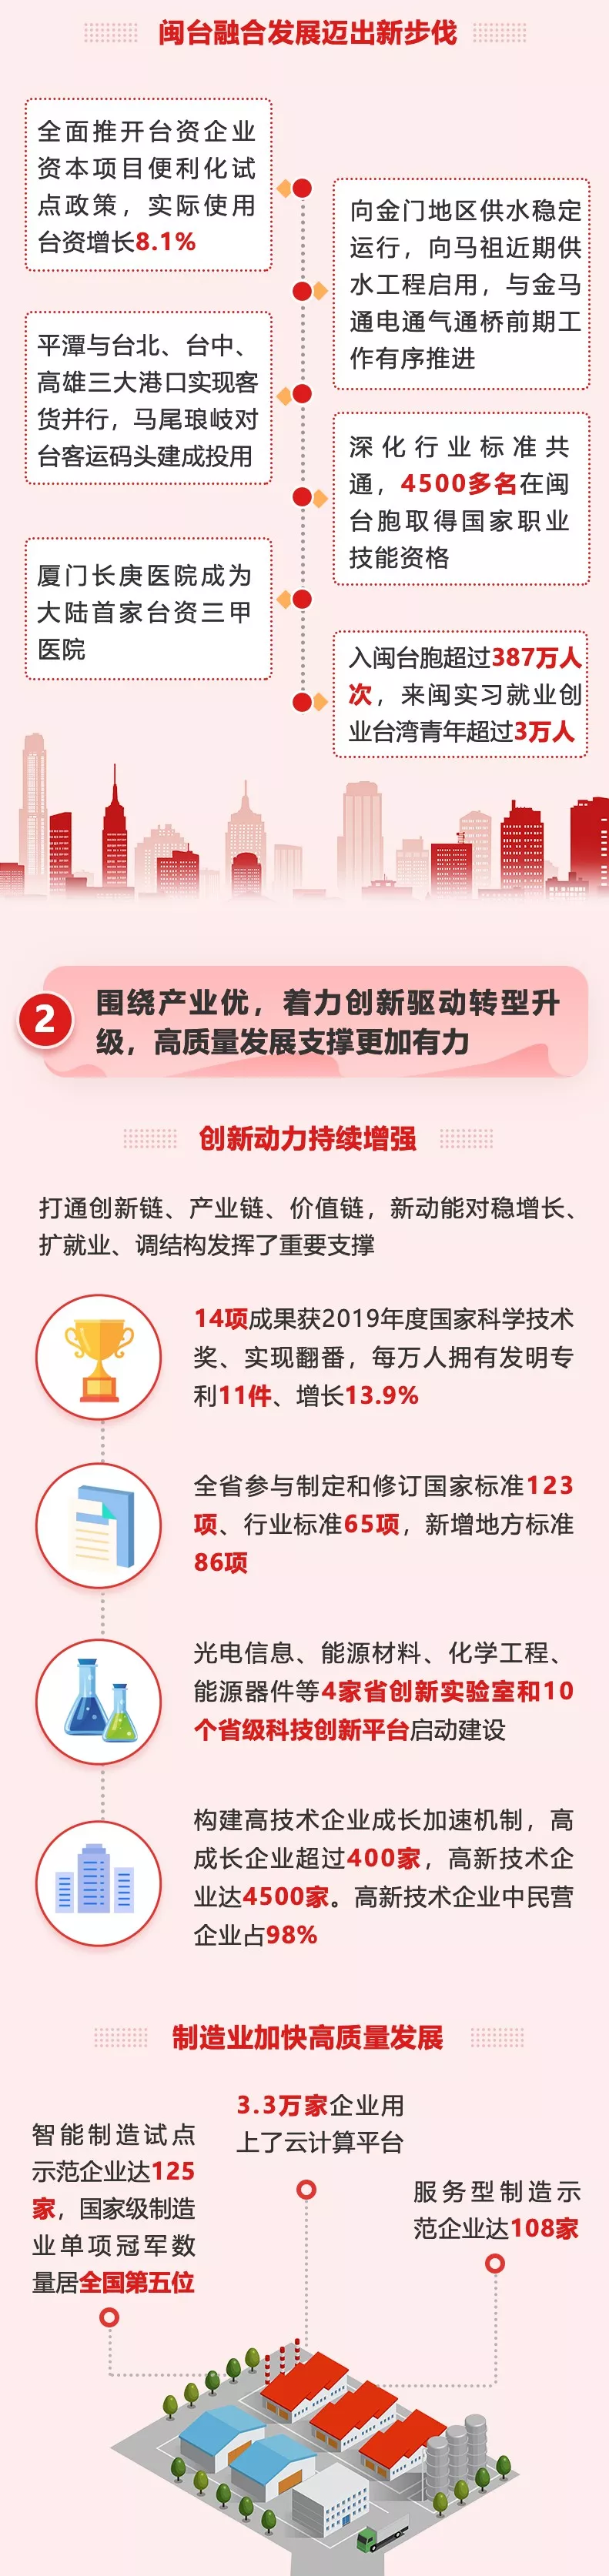 一图读懂福建省政府工作报告